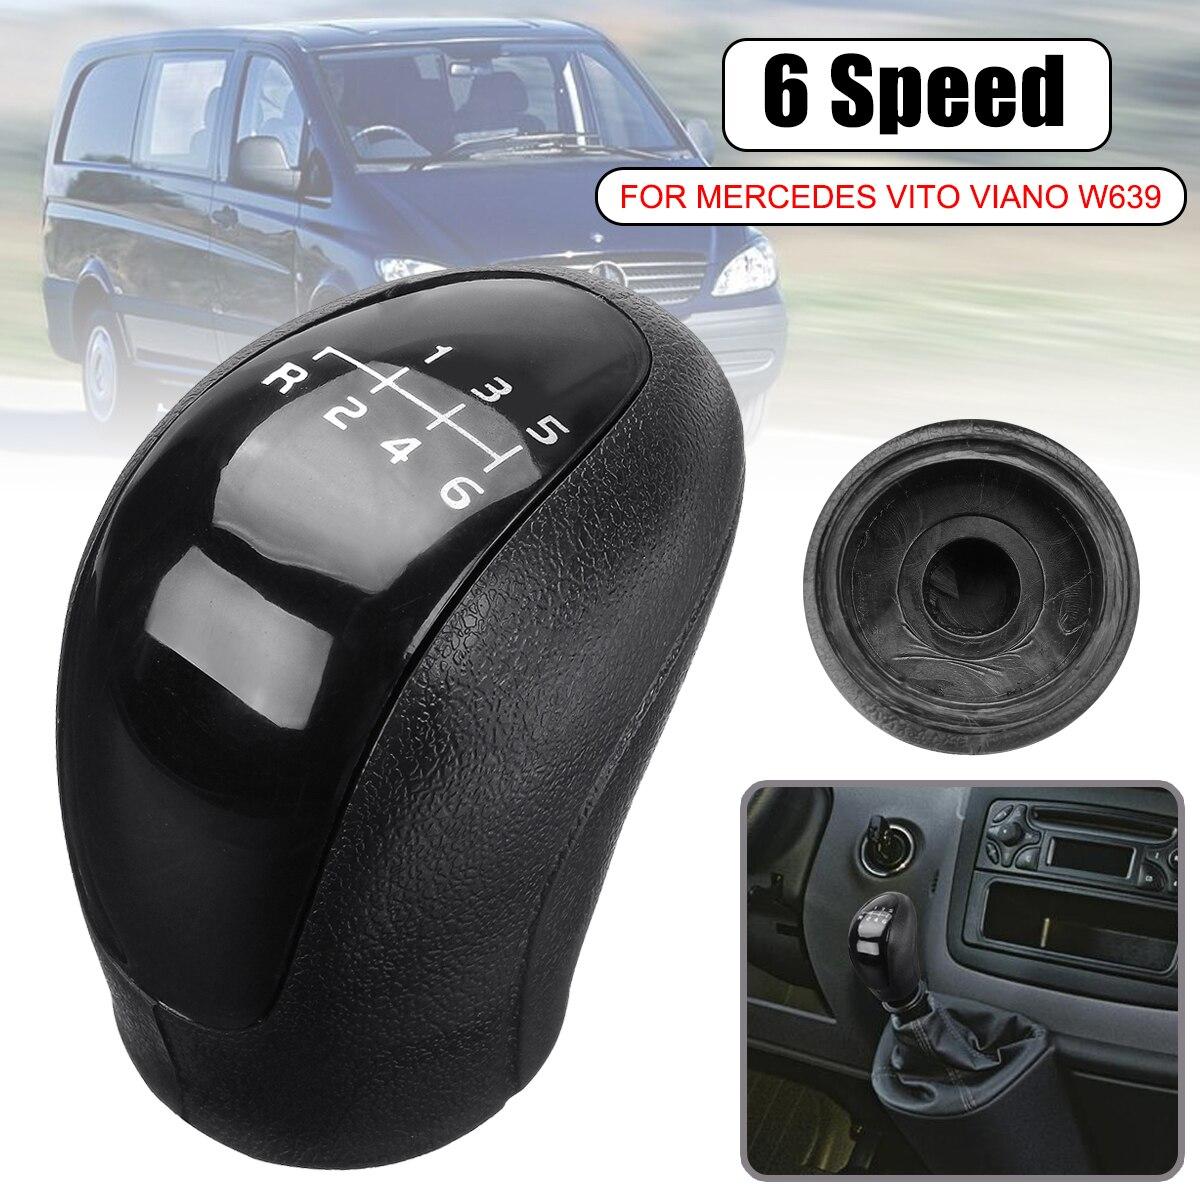 6 velocidade Do Carro Cabeça Da Shift de Engrenagem Knob Tampa Shifter Lever Vara para Mercedes Vito Viano Sprinter II VW/- crafter